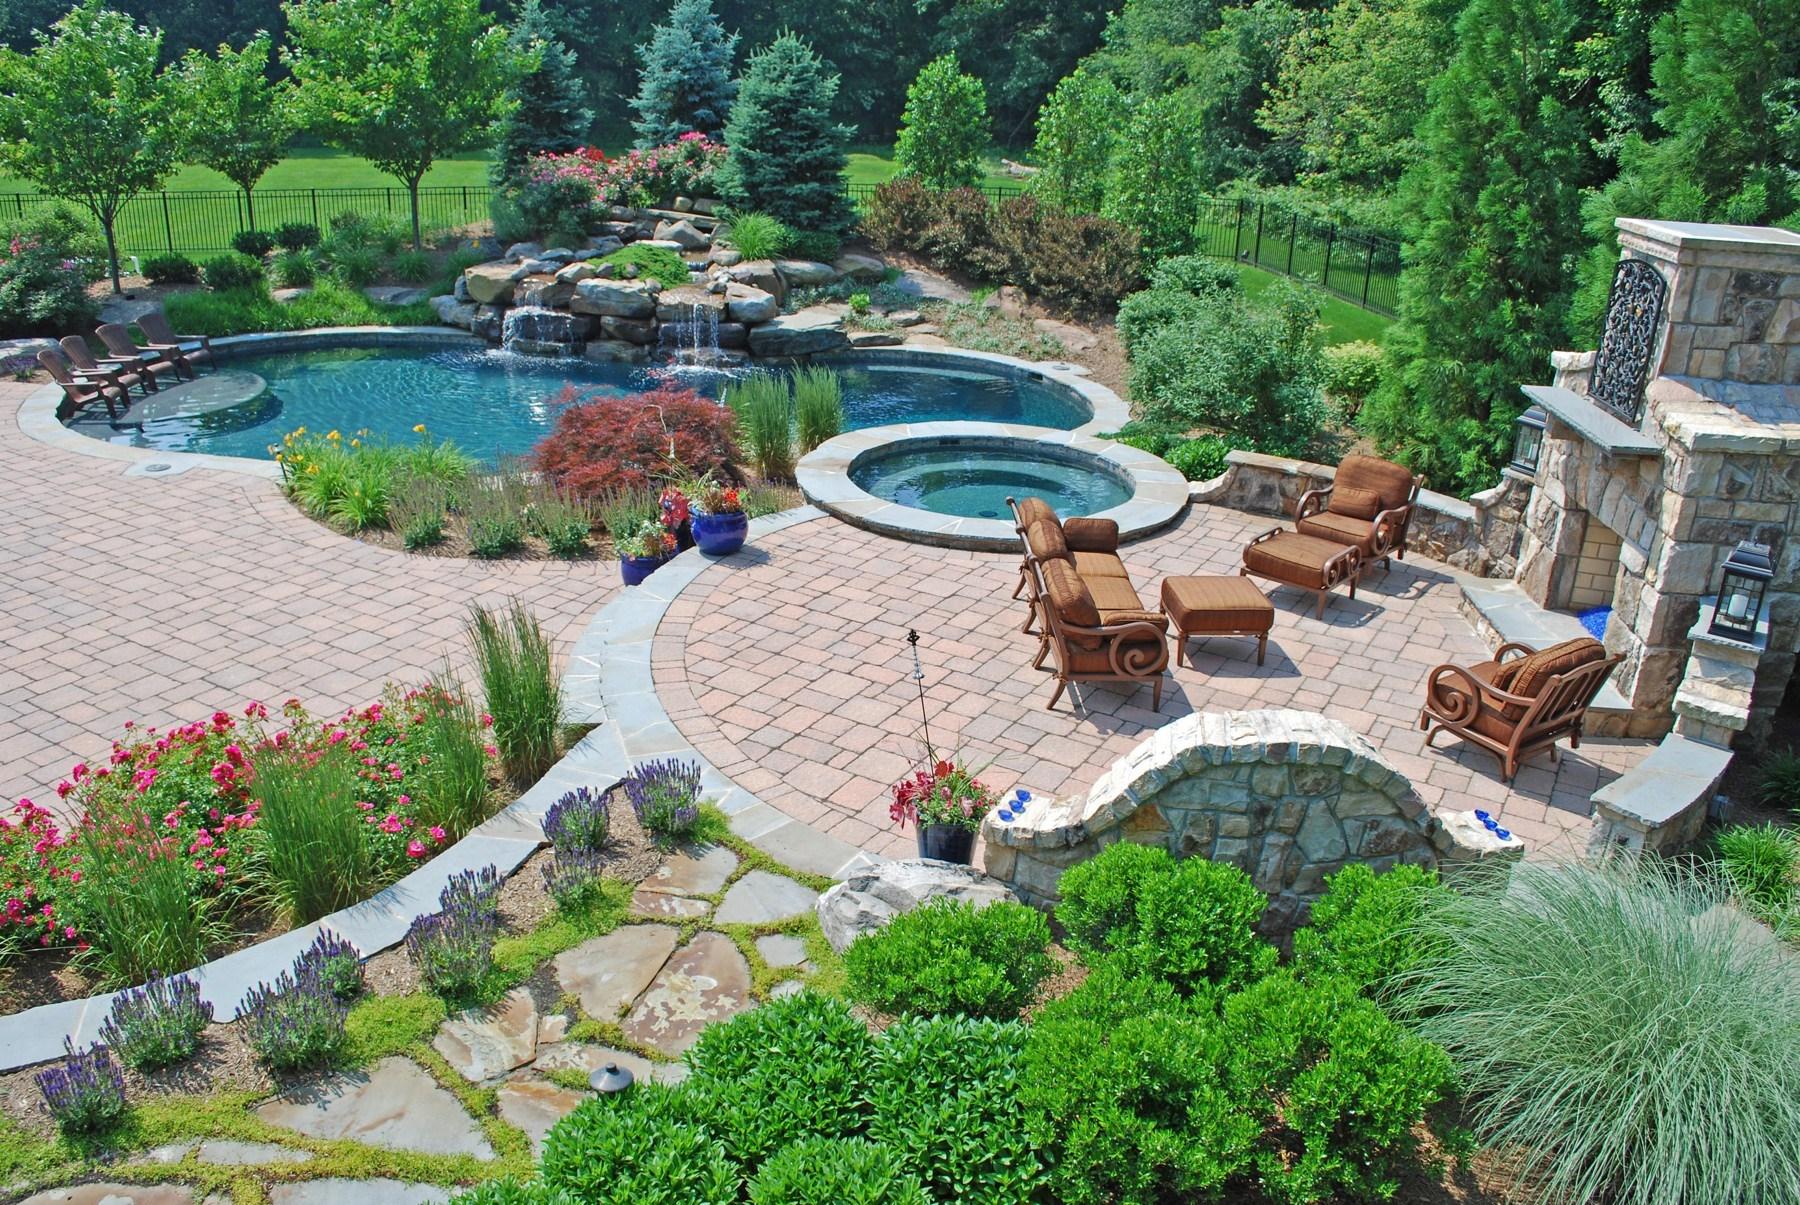 با محوطه سازی مناسب از گرمای تابستان بکاهید